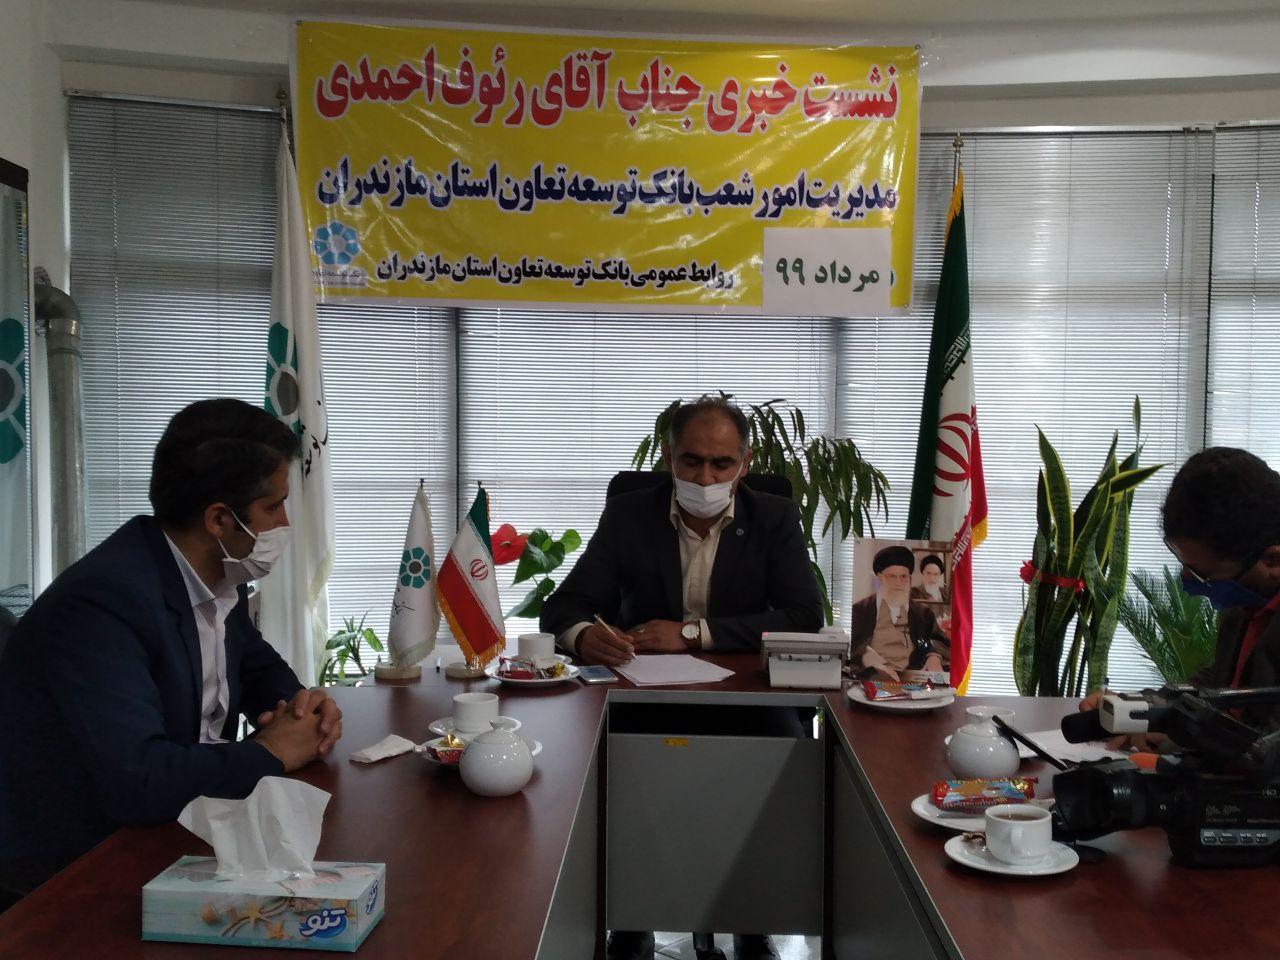 ایجاد بیش از 1000 اشتغال جدید در استان مازندران با تسهیلات بانک توسعه تعاون